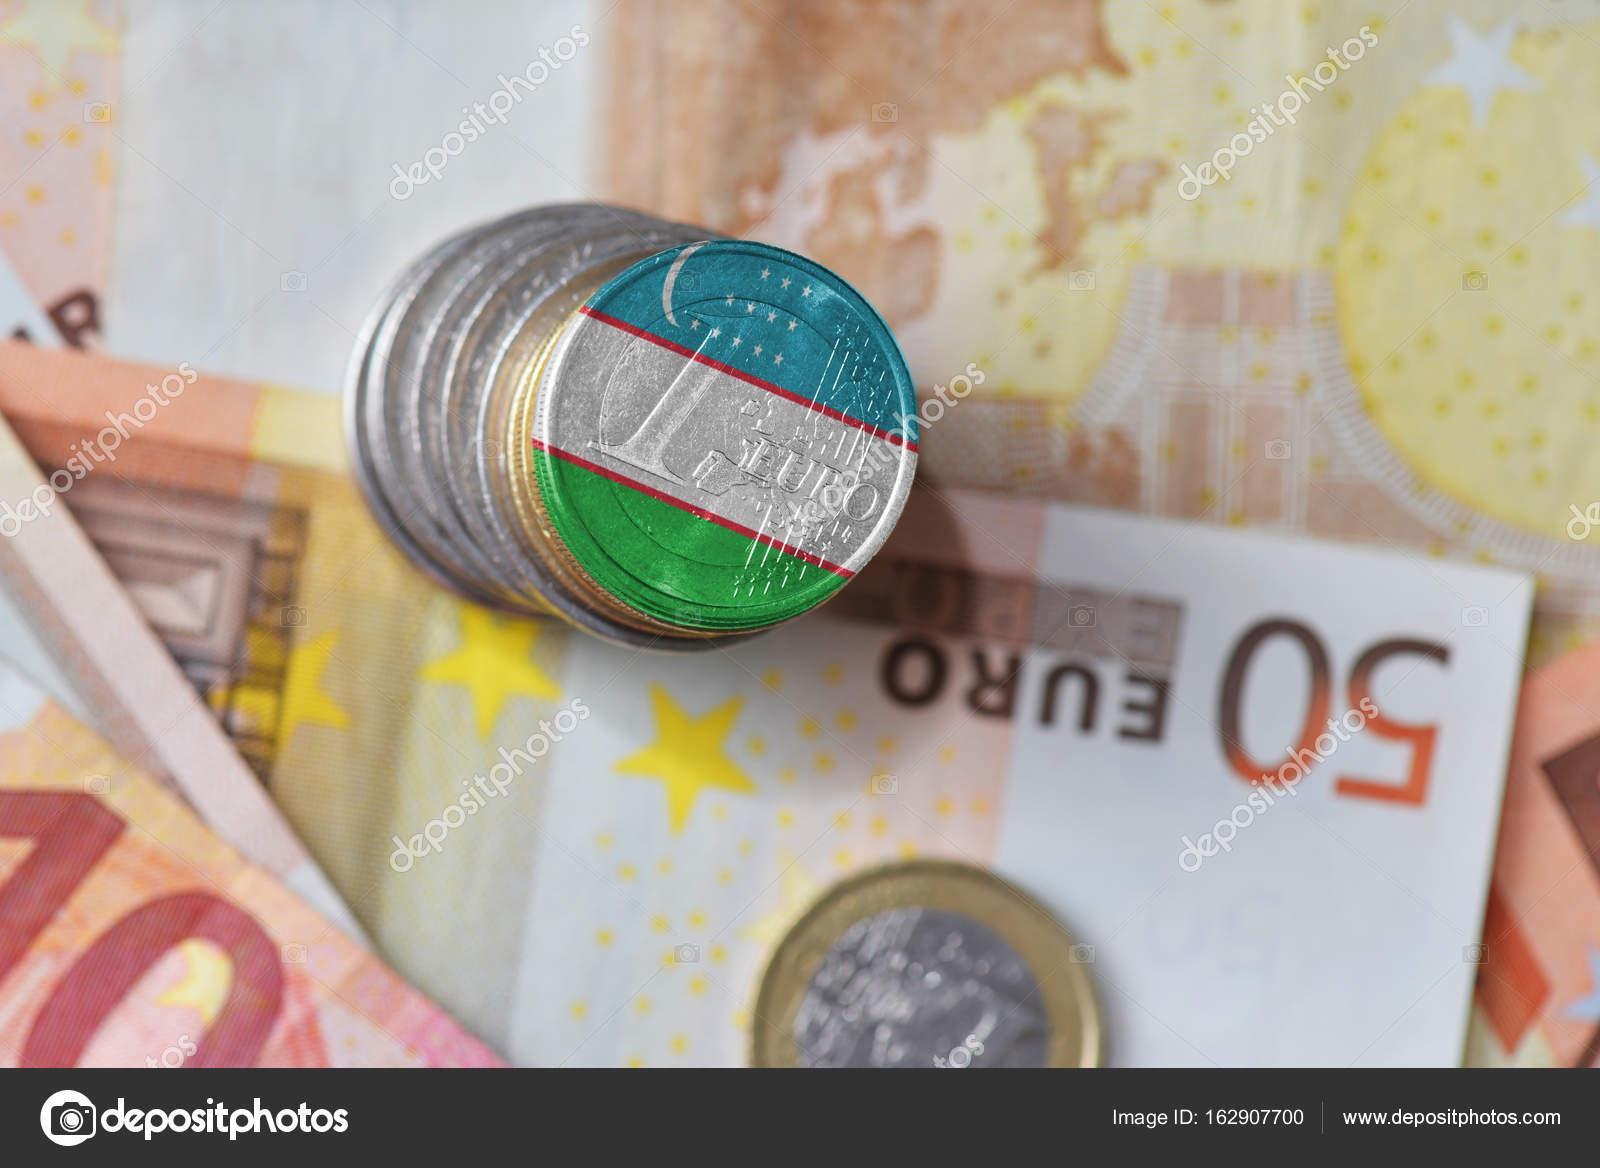 Потребительский кредит процентные ставки в 2020 году сбербанка